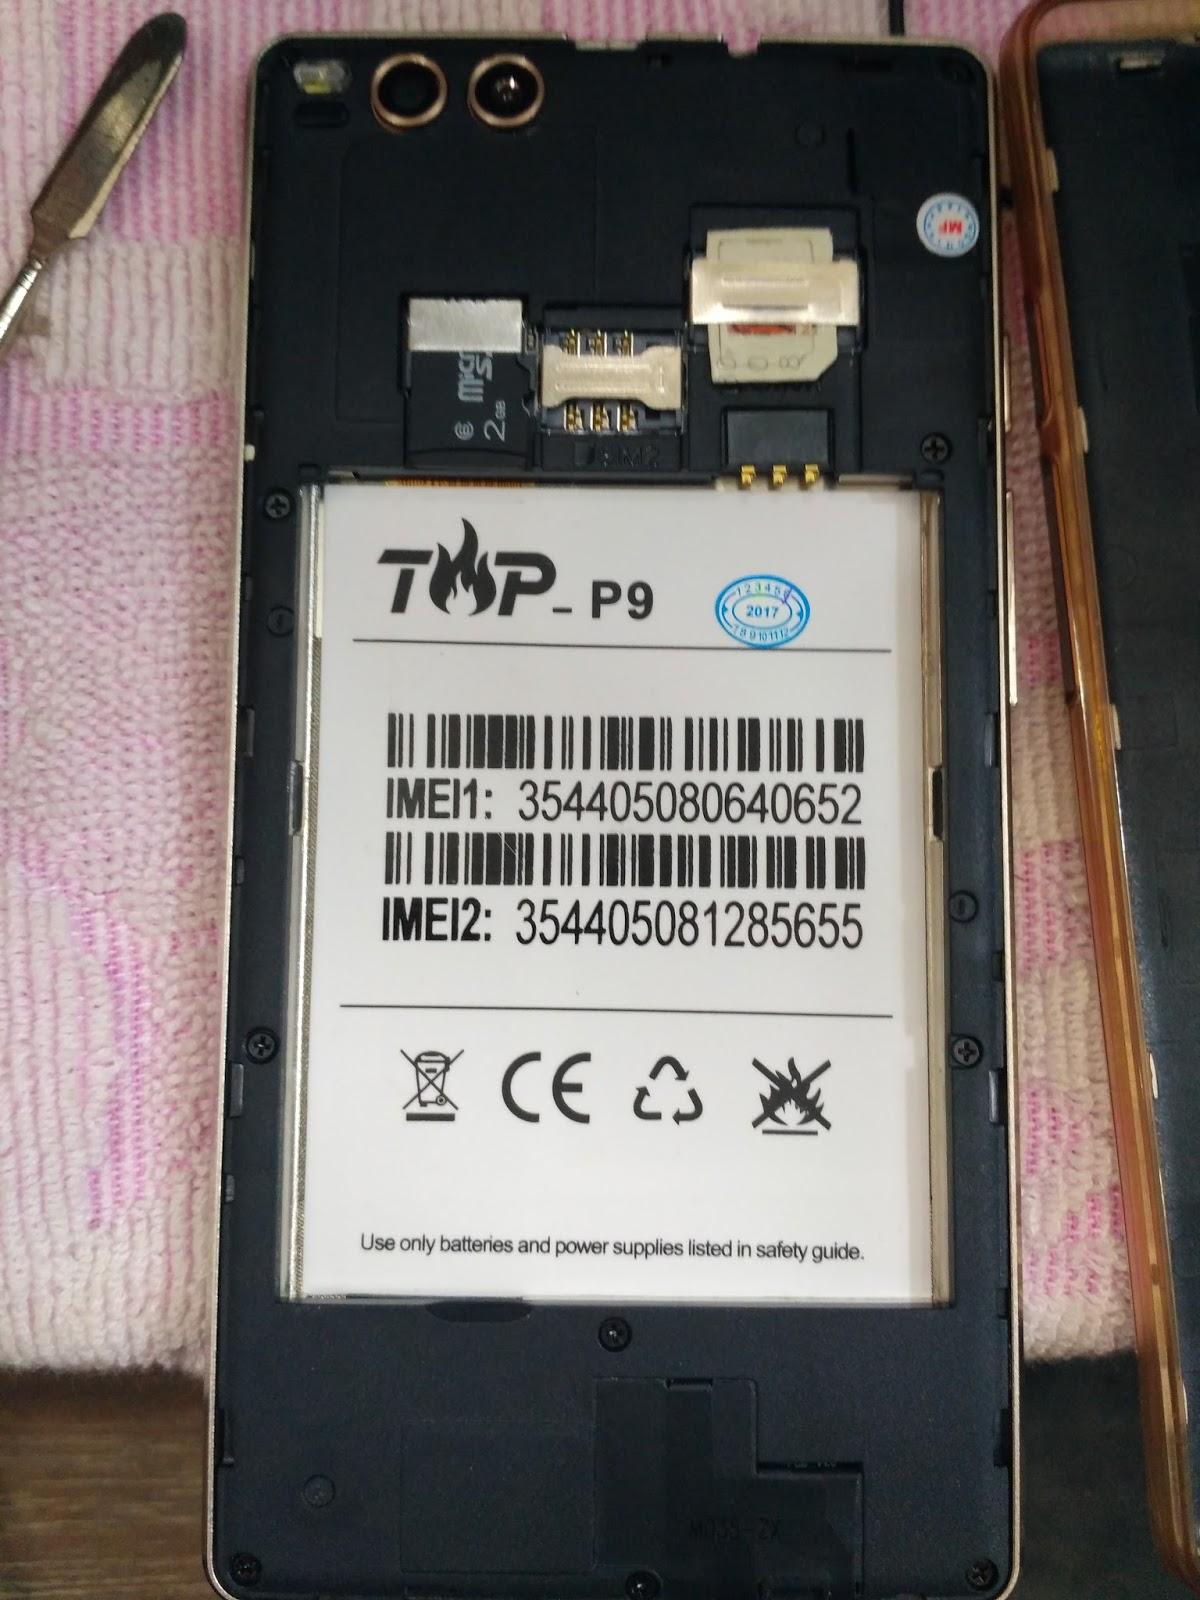 Mi One R5 Flash File